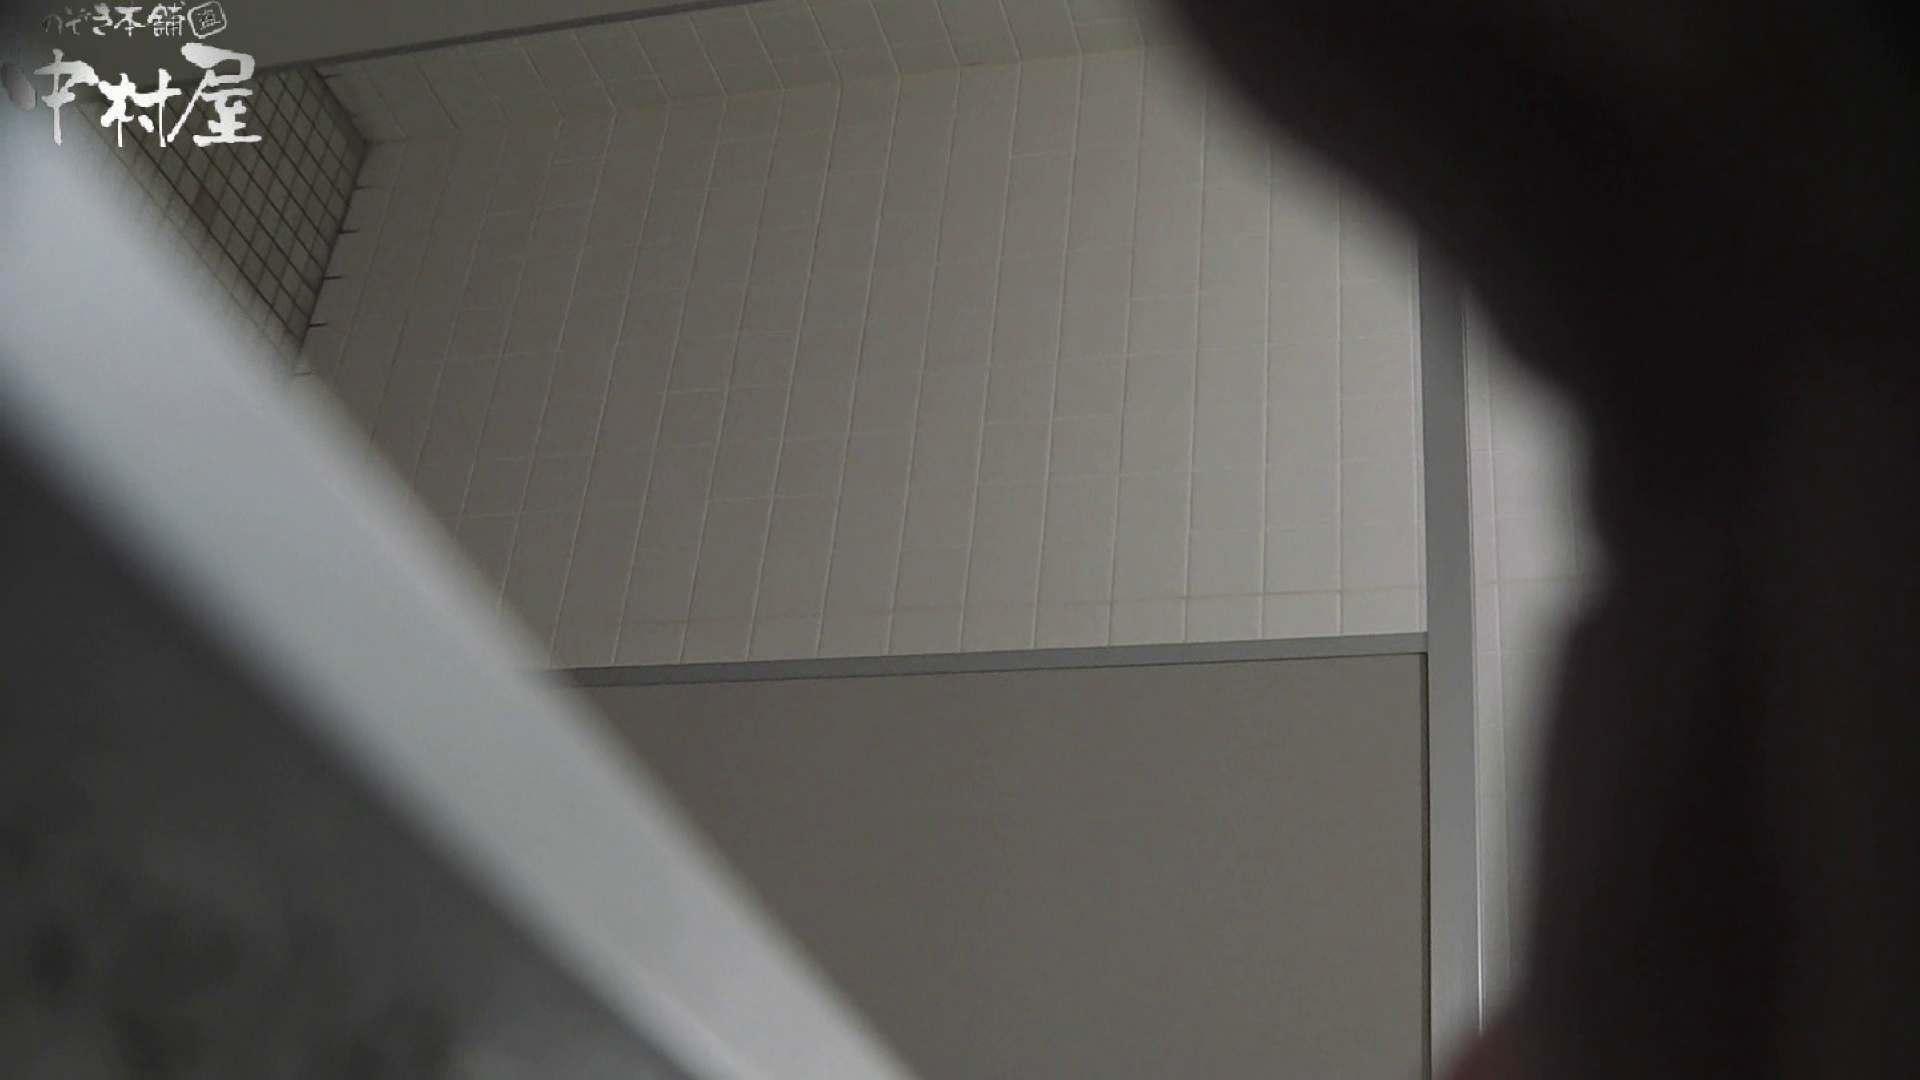 【お銀さんの「洗面所突入レポート!!」】お銀さんの「洗面所突入レポート!!」 vol.28小島陽菜似のピンクオシャレさん 洗面所編  94PIX 40